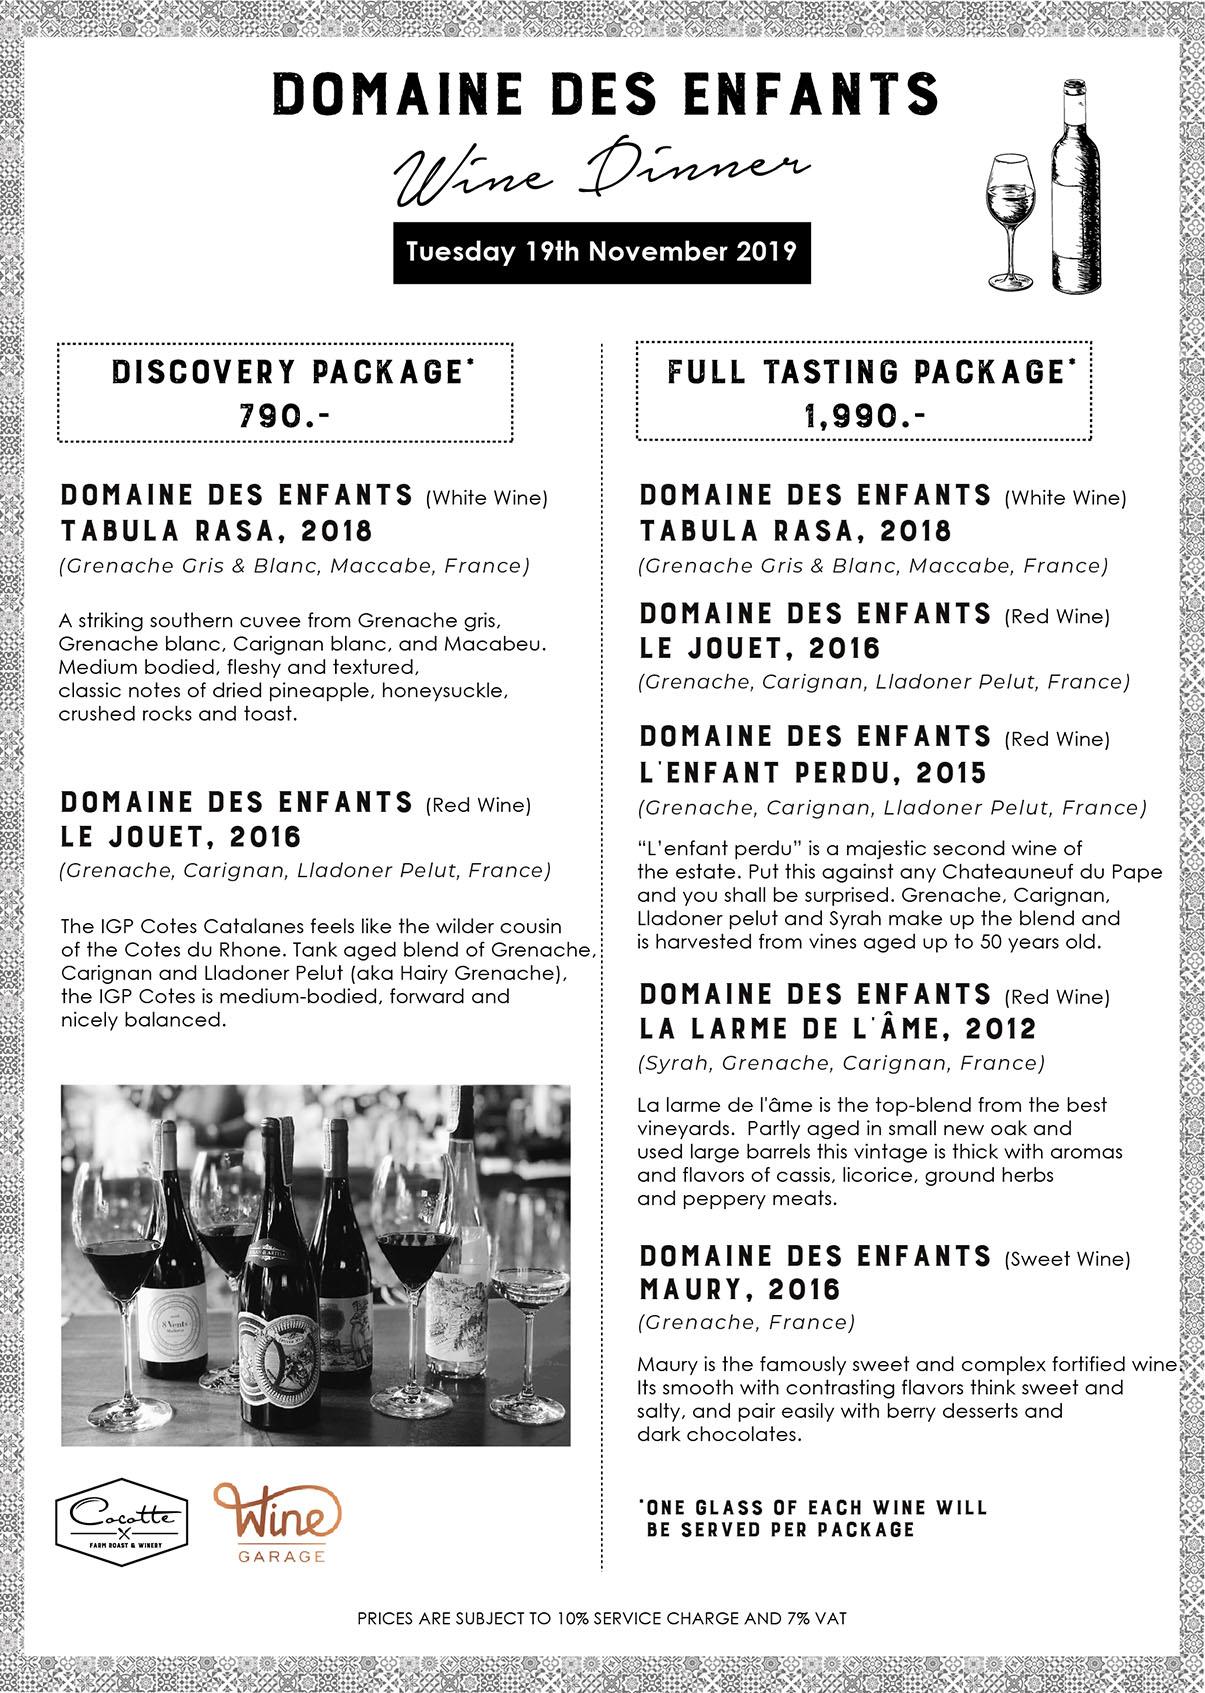 Cocotte Domaine Enfants wine menu Nov 19 2019